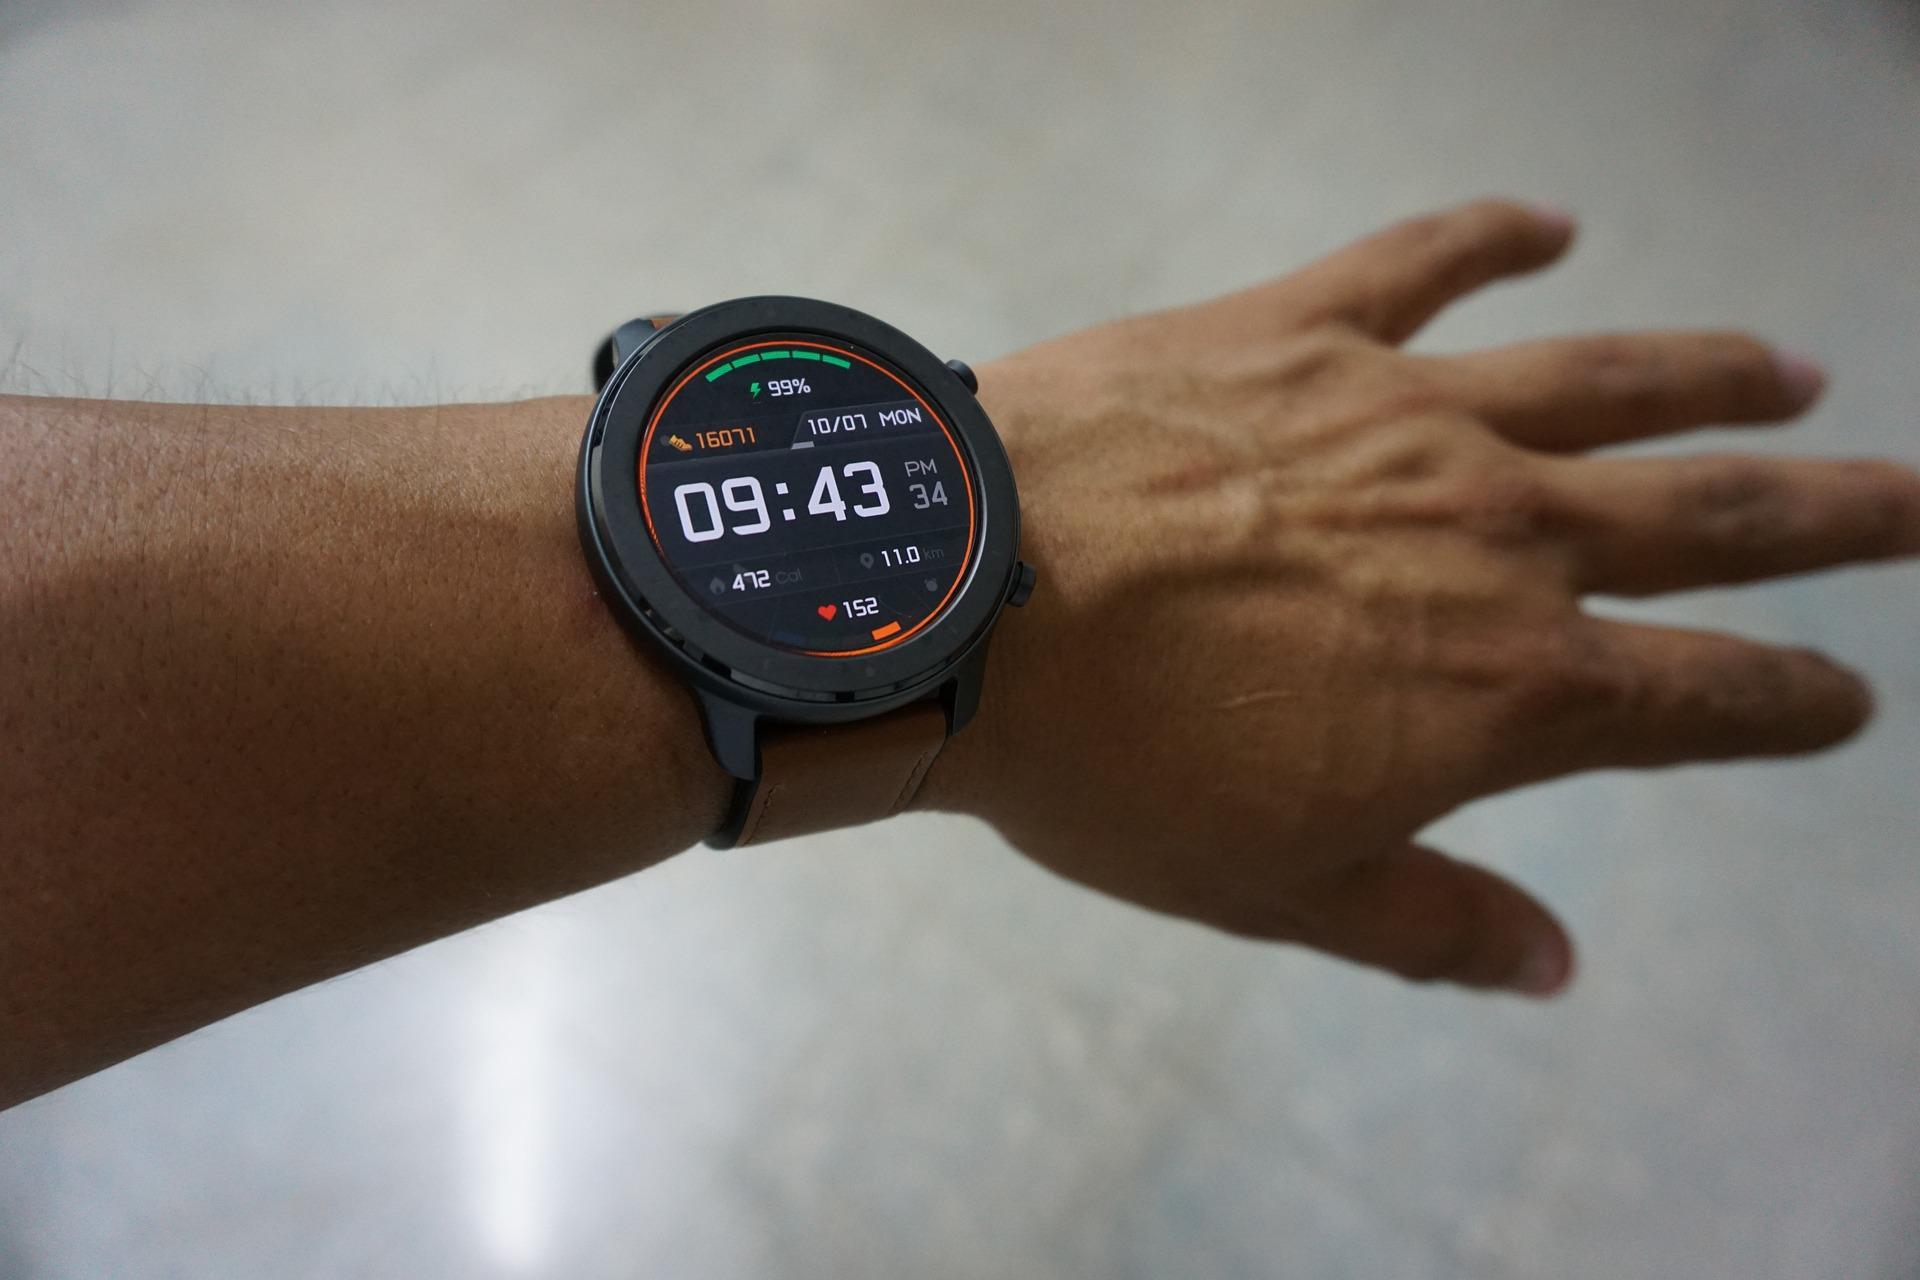 Pulso de um homem com relógio inteligente mostrando informações como batimentos cardíacos